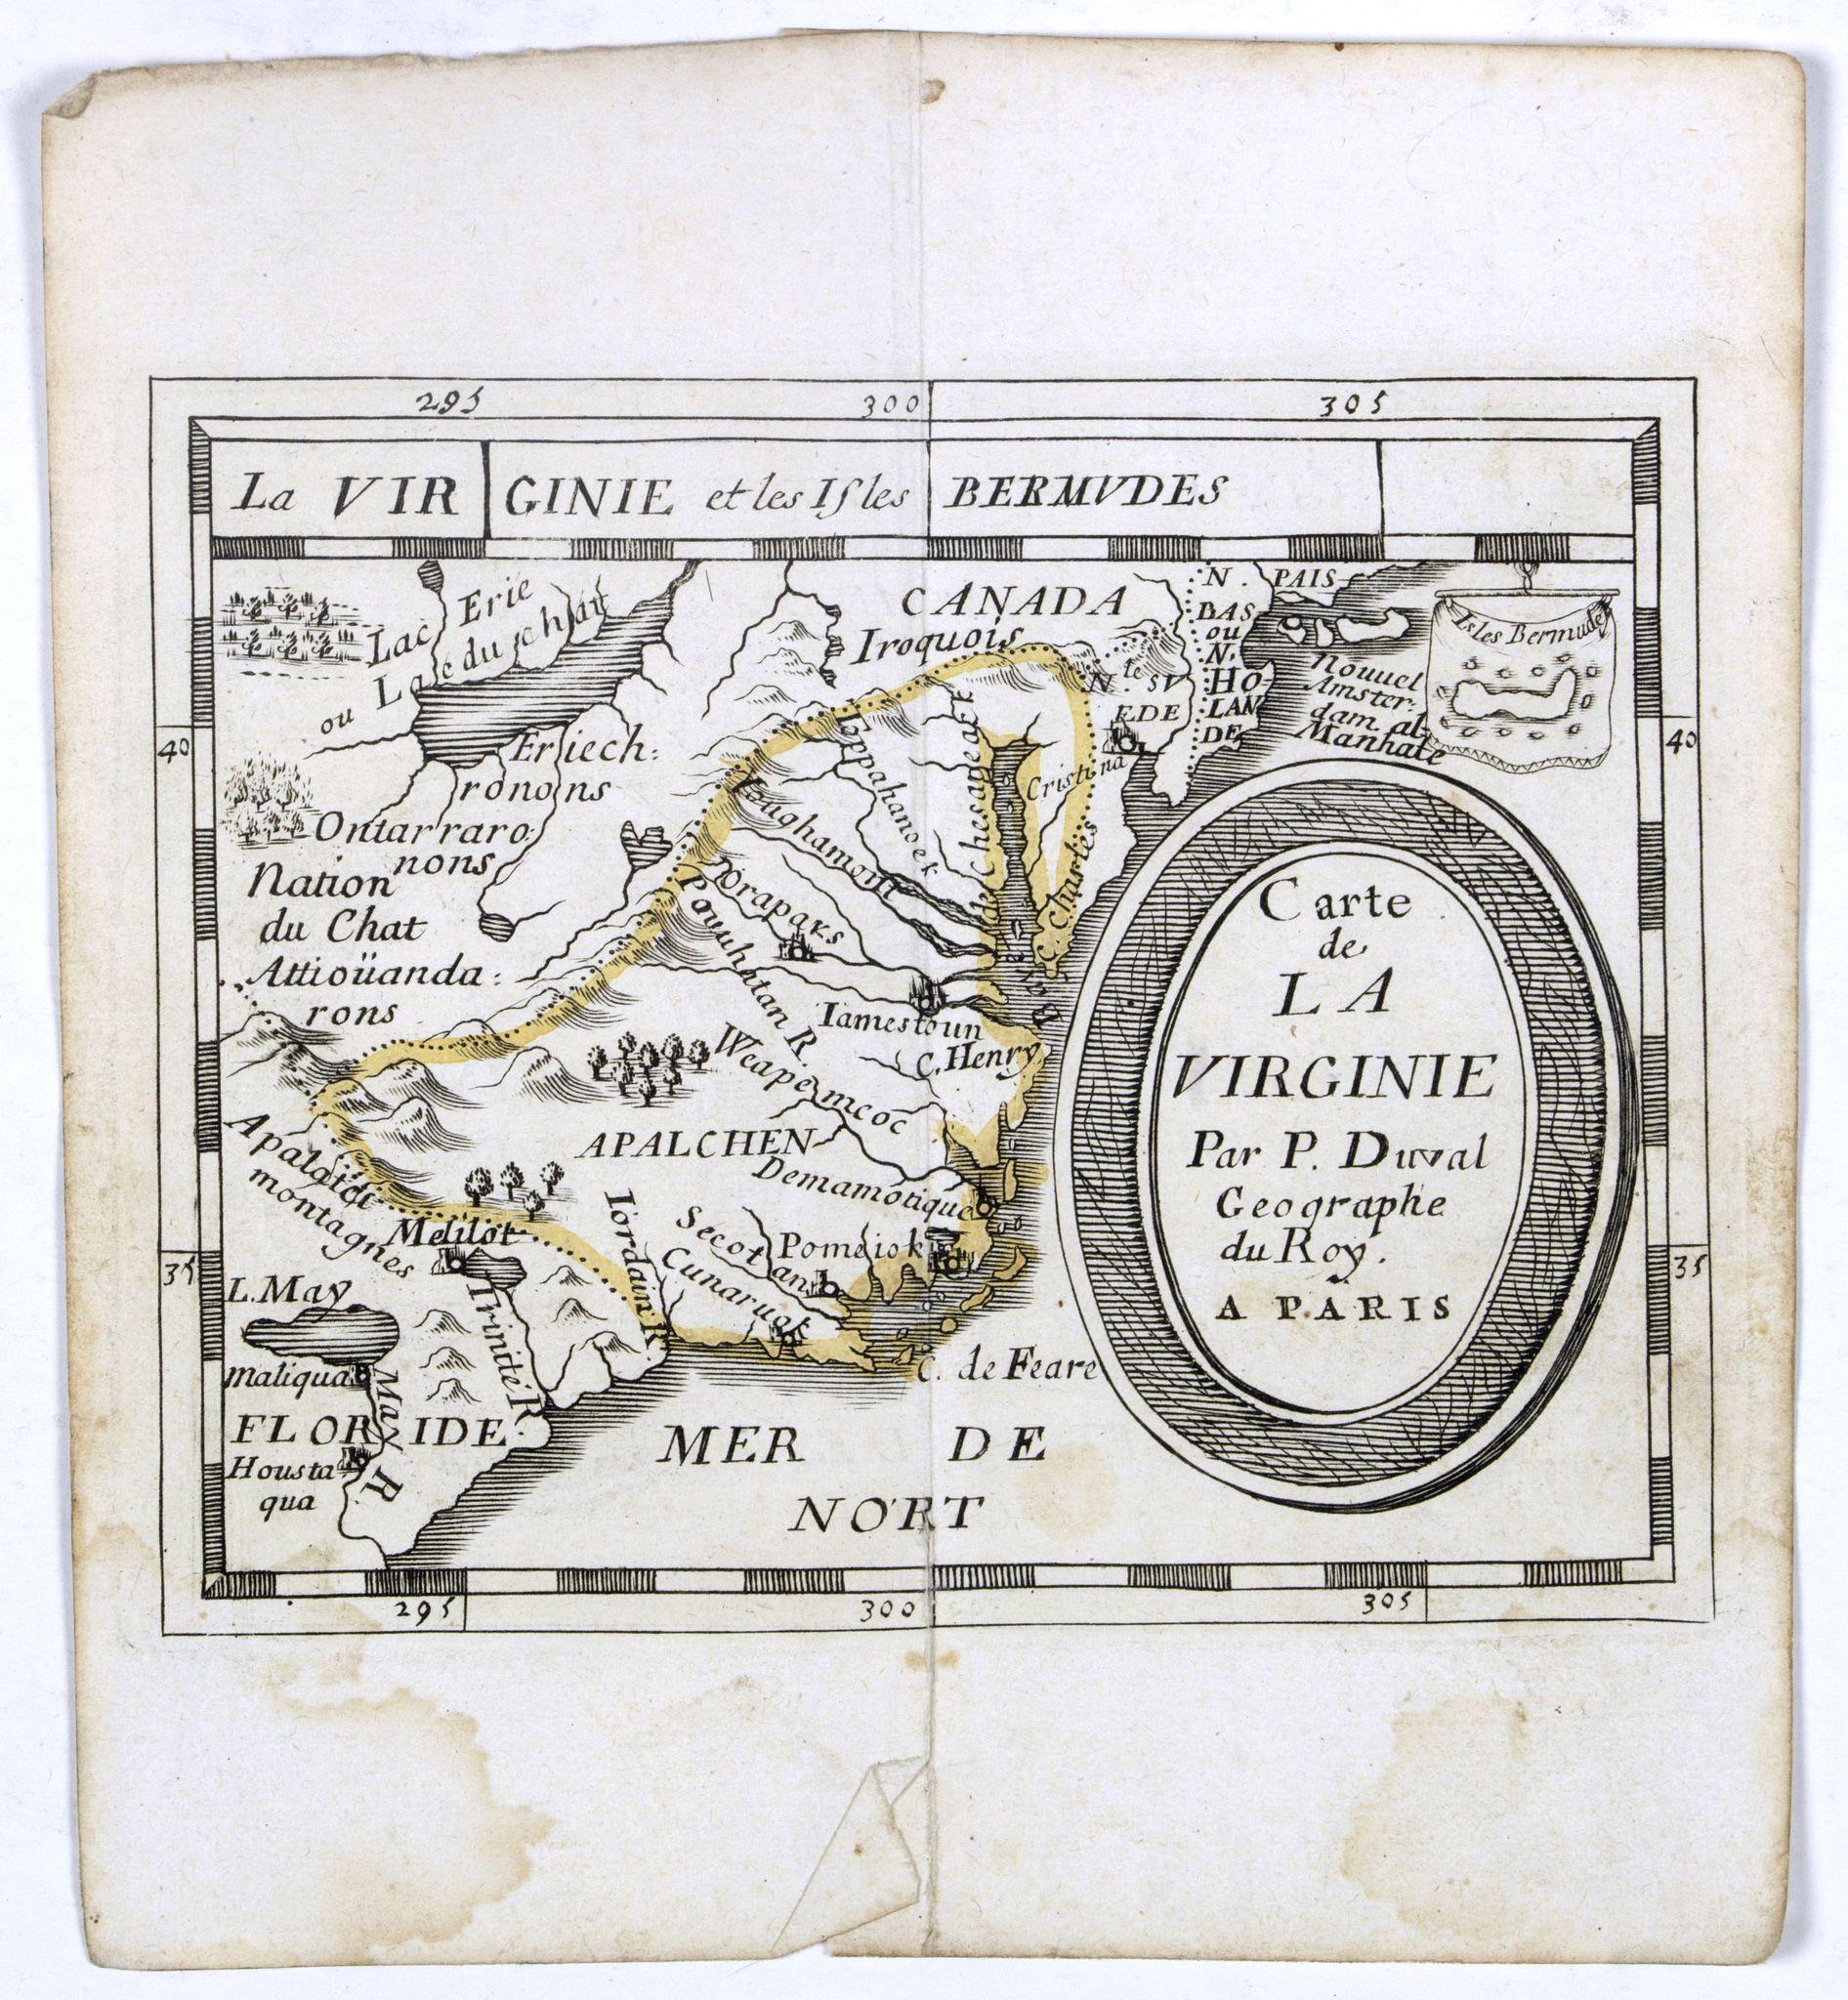 DU VAL, P. - Carte de La Virginie.